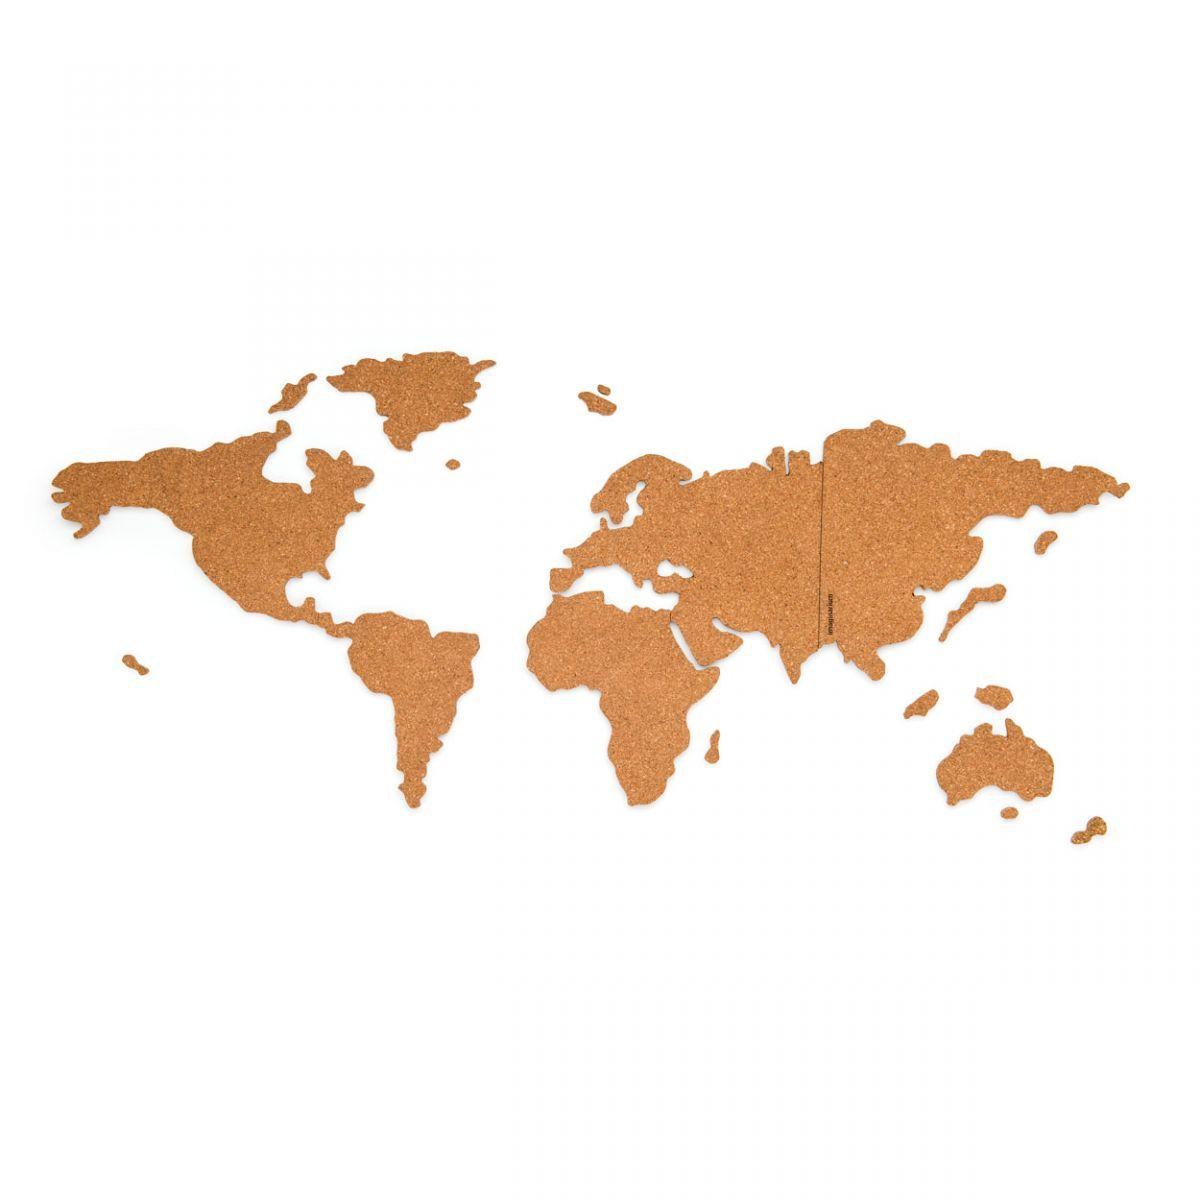 mapa mundi cortiça Painel mapa de cortica   Imaginarium mapa mundi cortiça